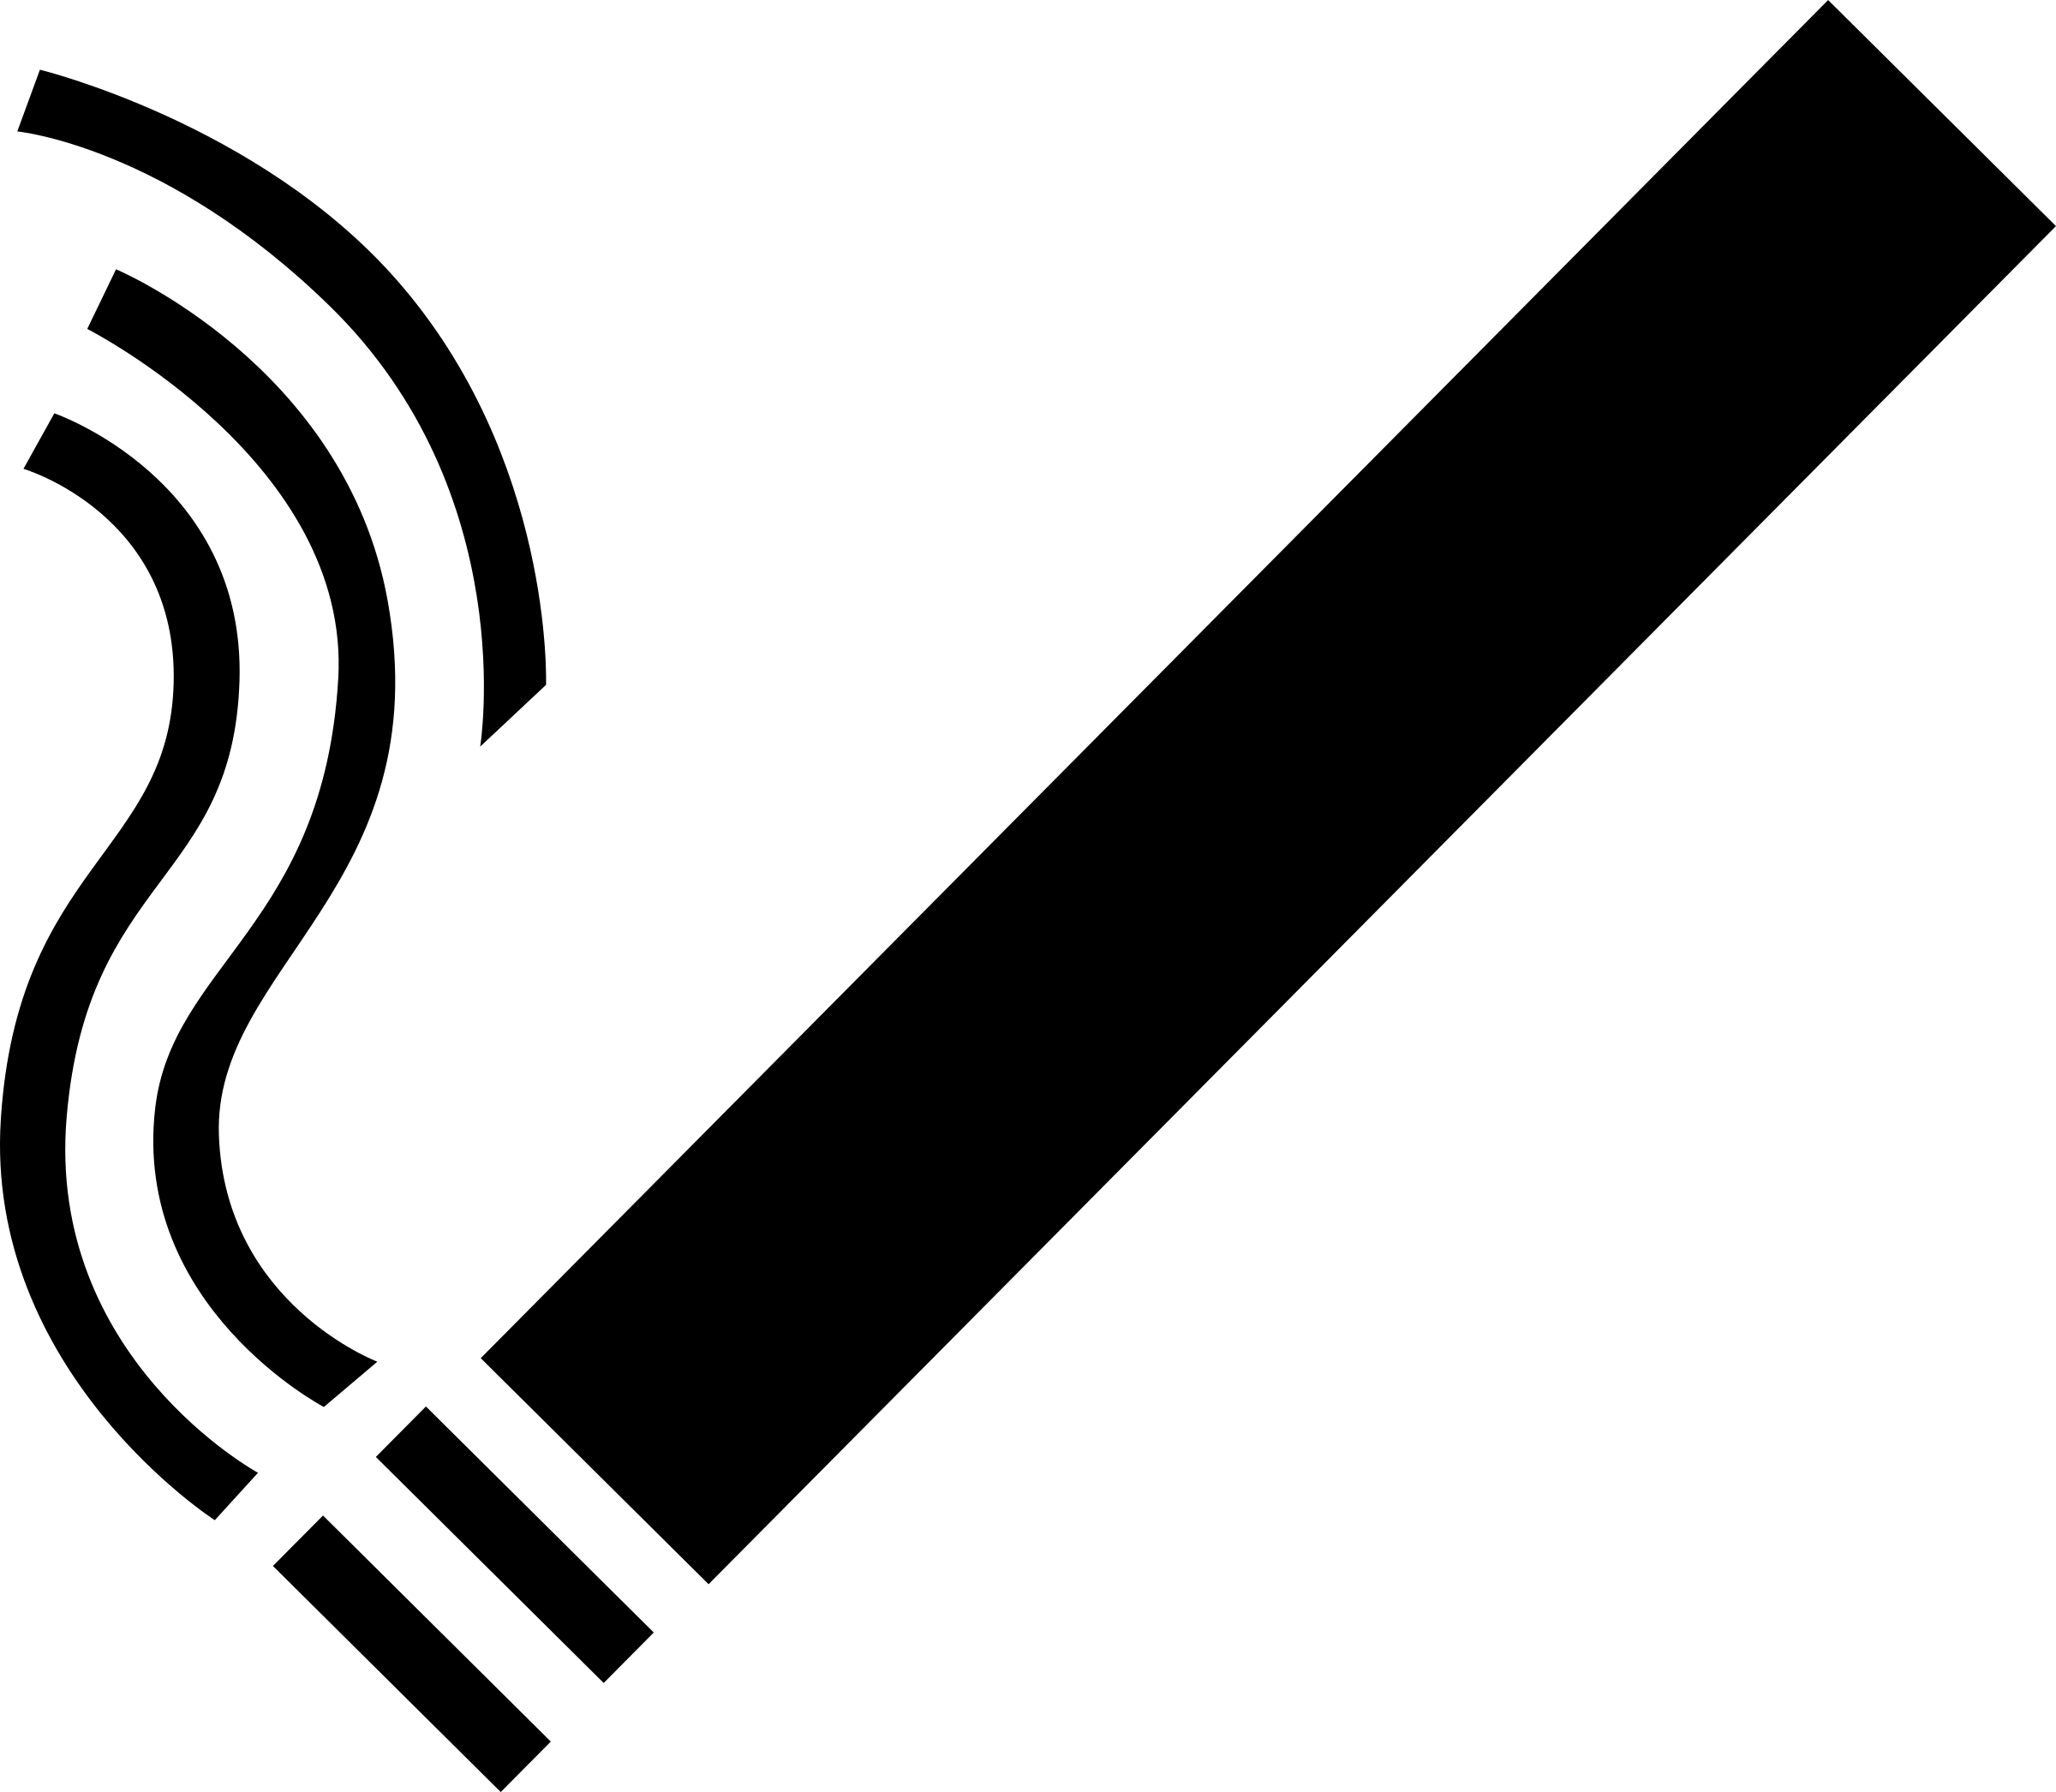 clipart cigarette symbol